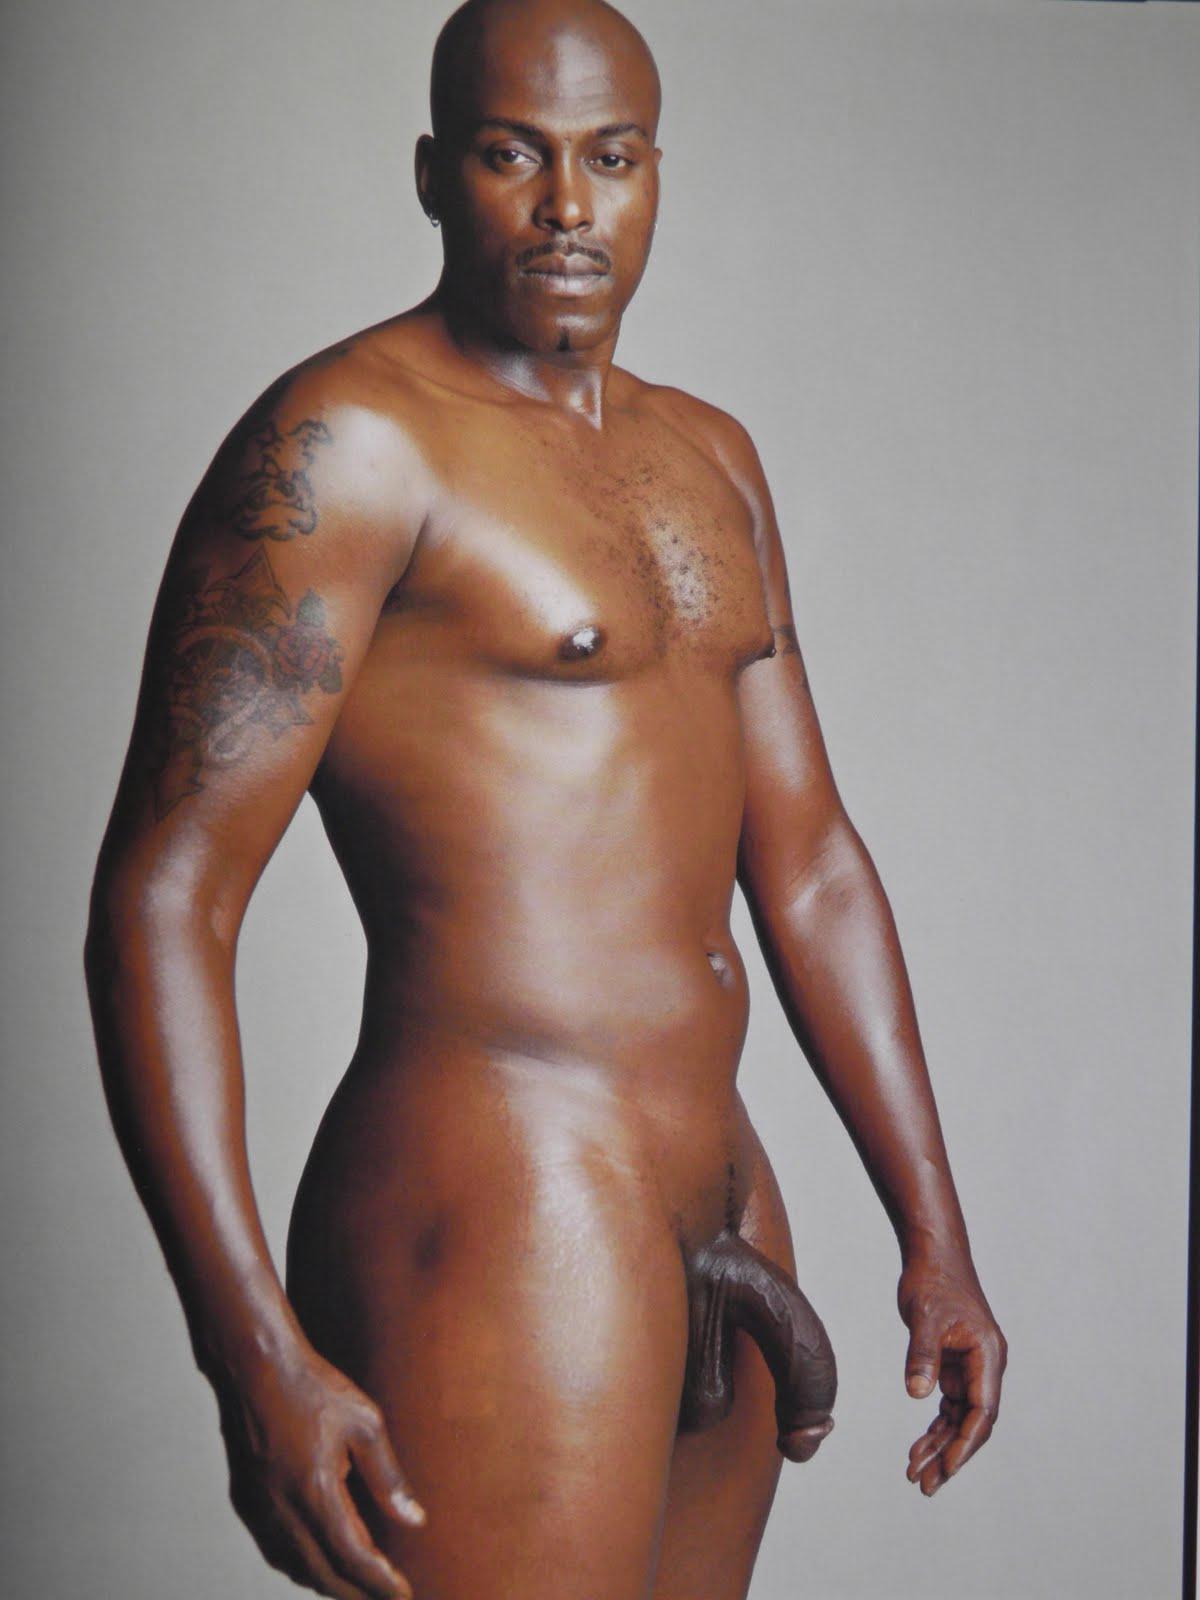 celebs Nude black